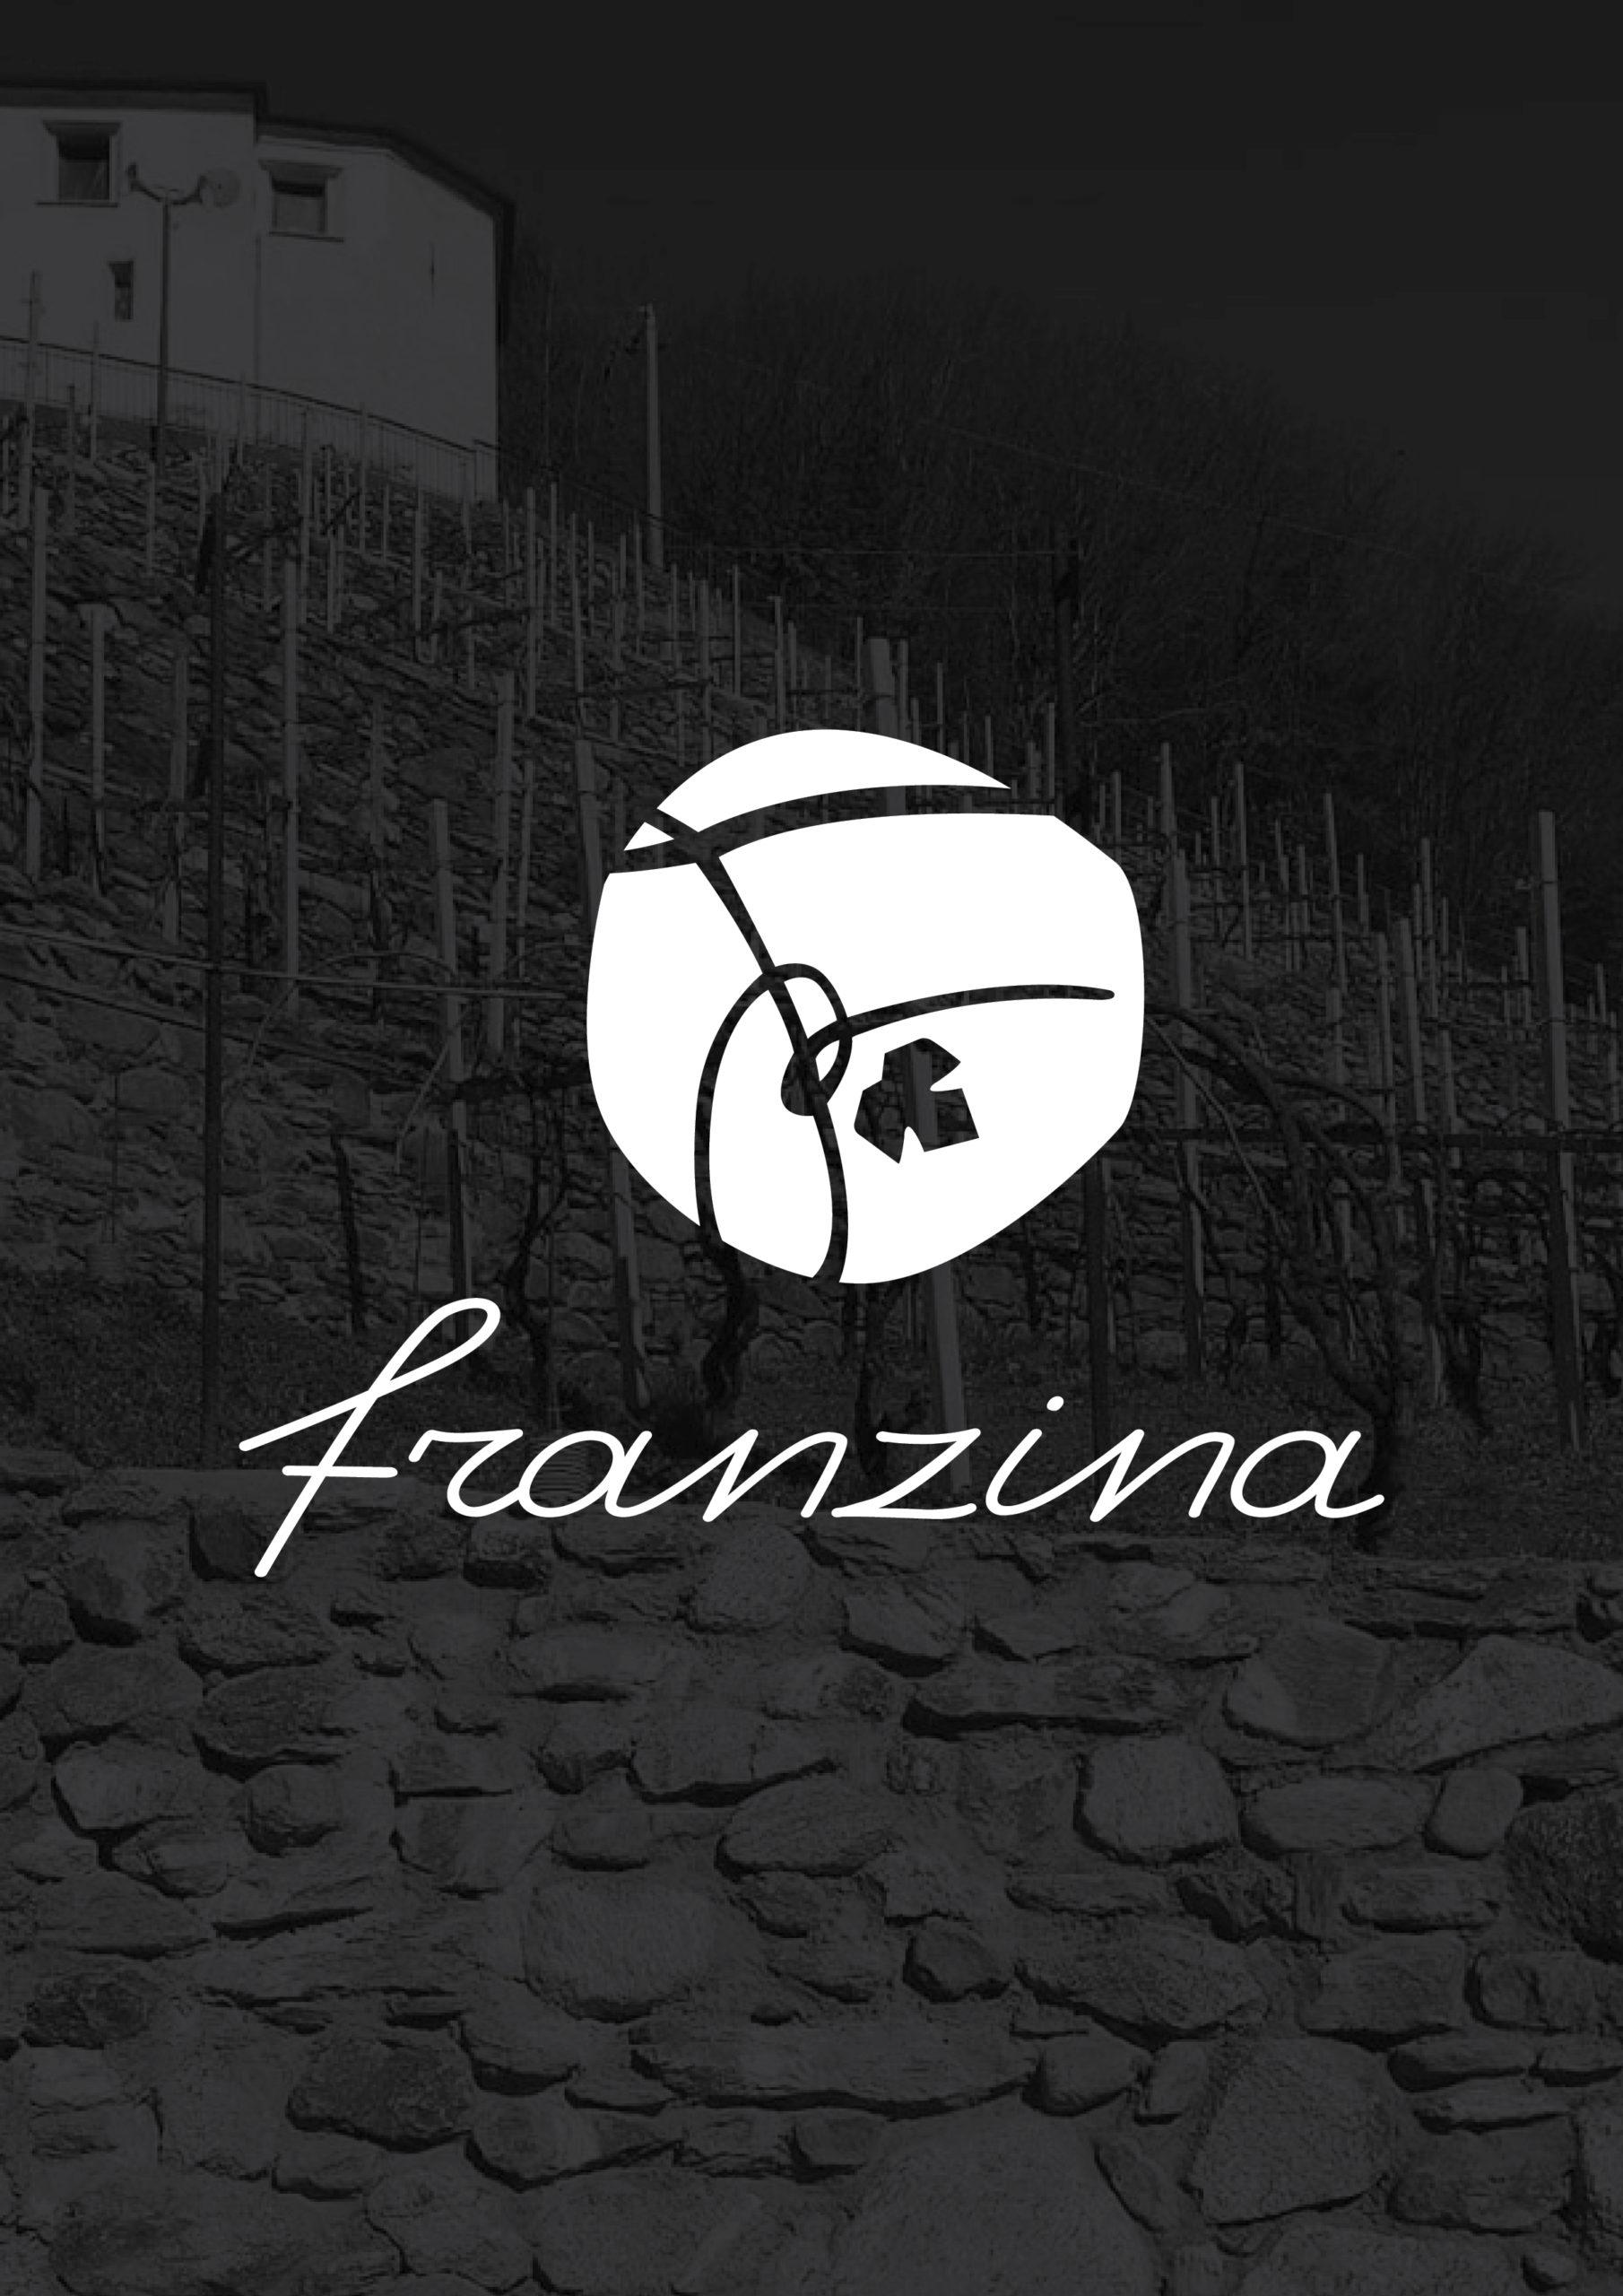 immagine di copertina per il progetto di branding ed etichettatura di Franzina vini